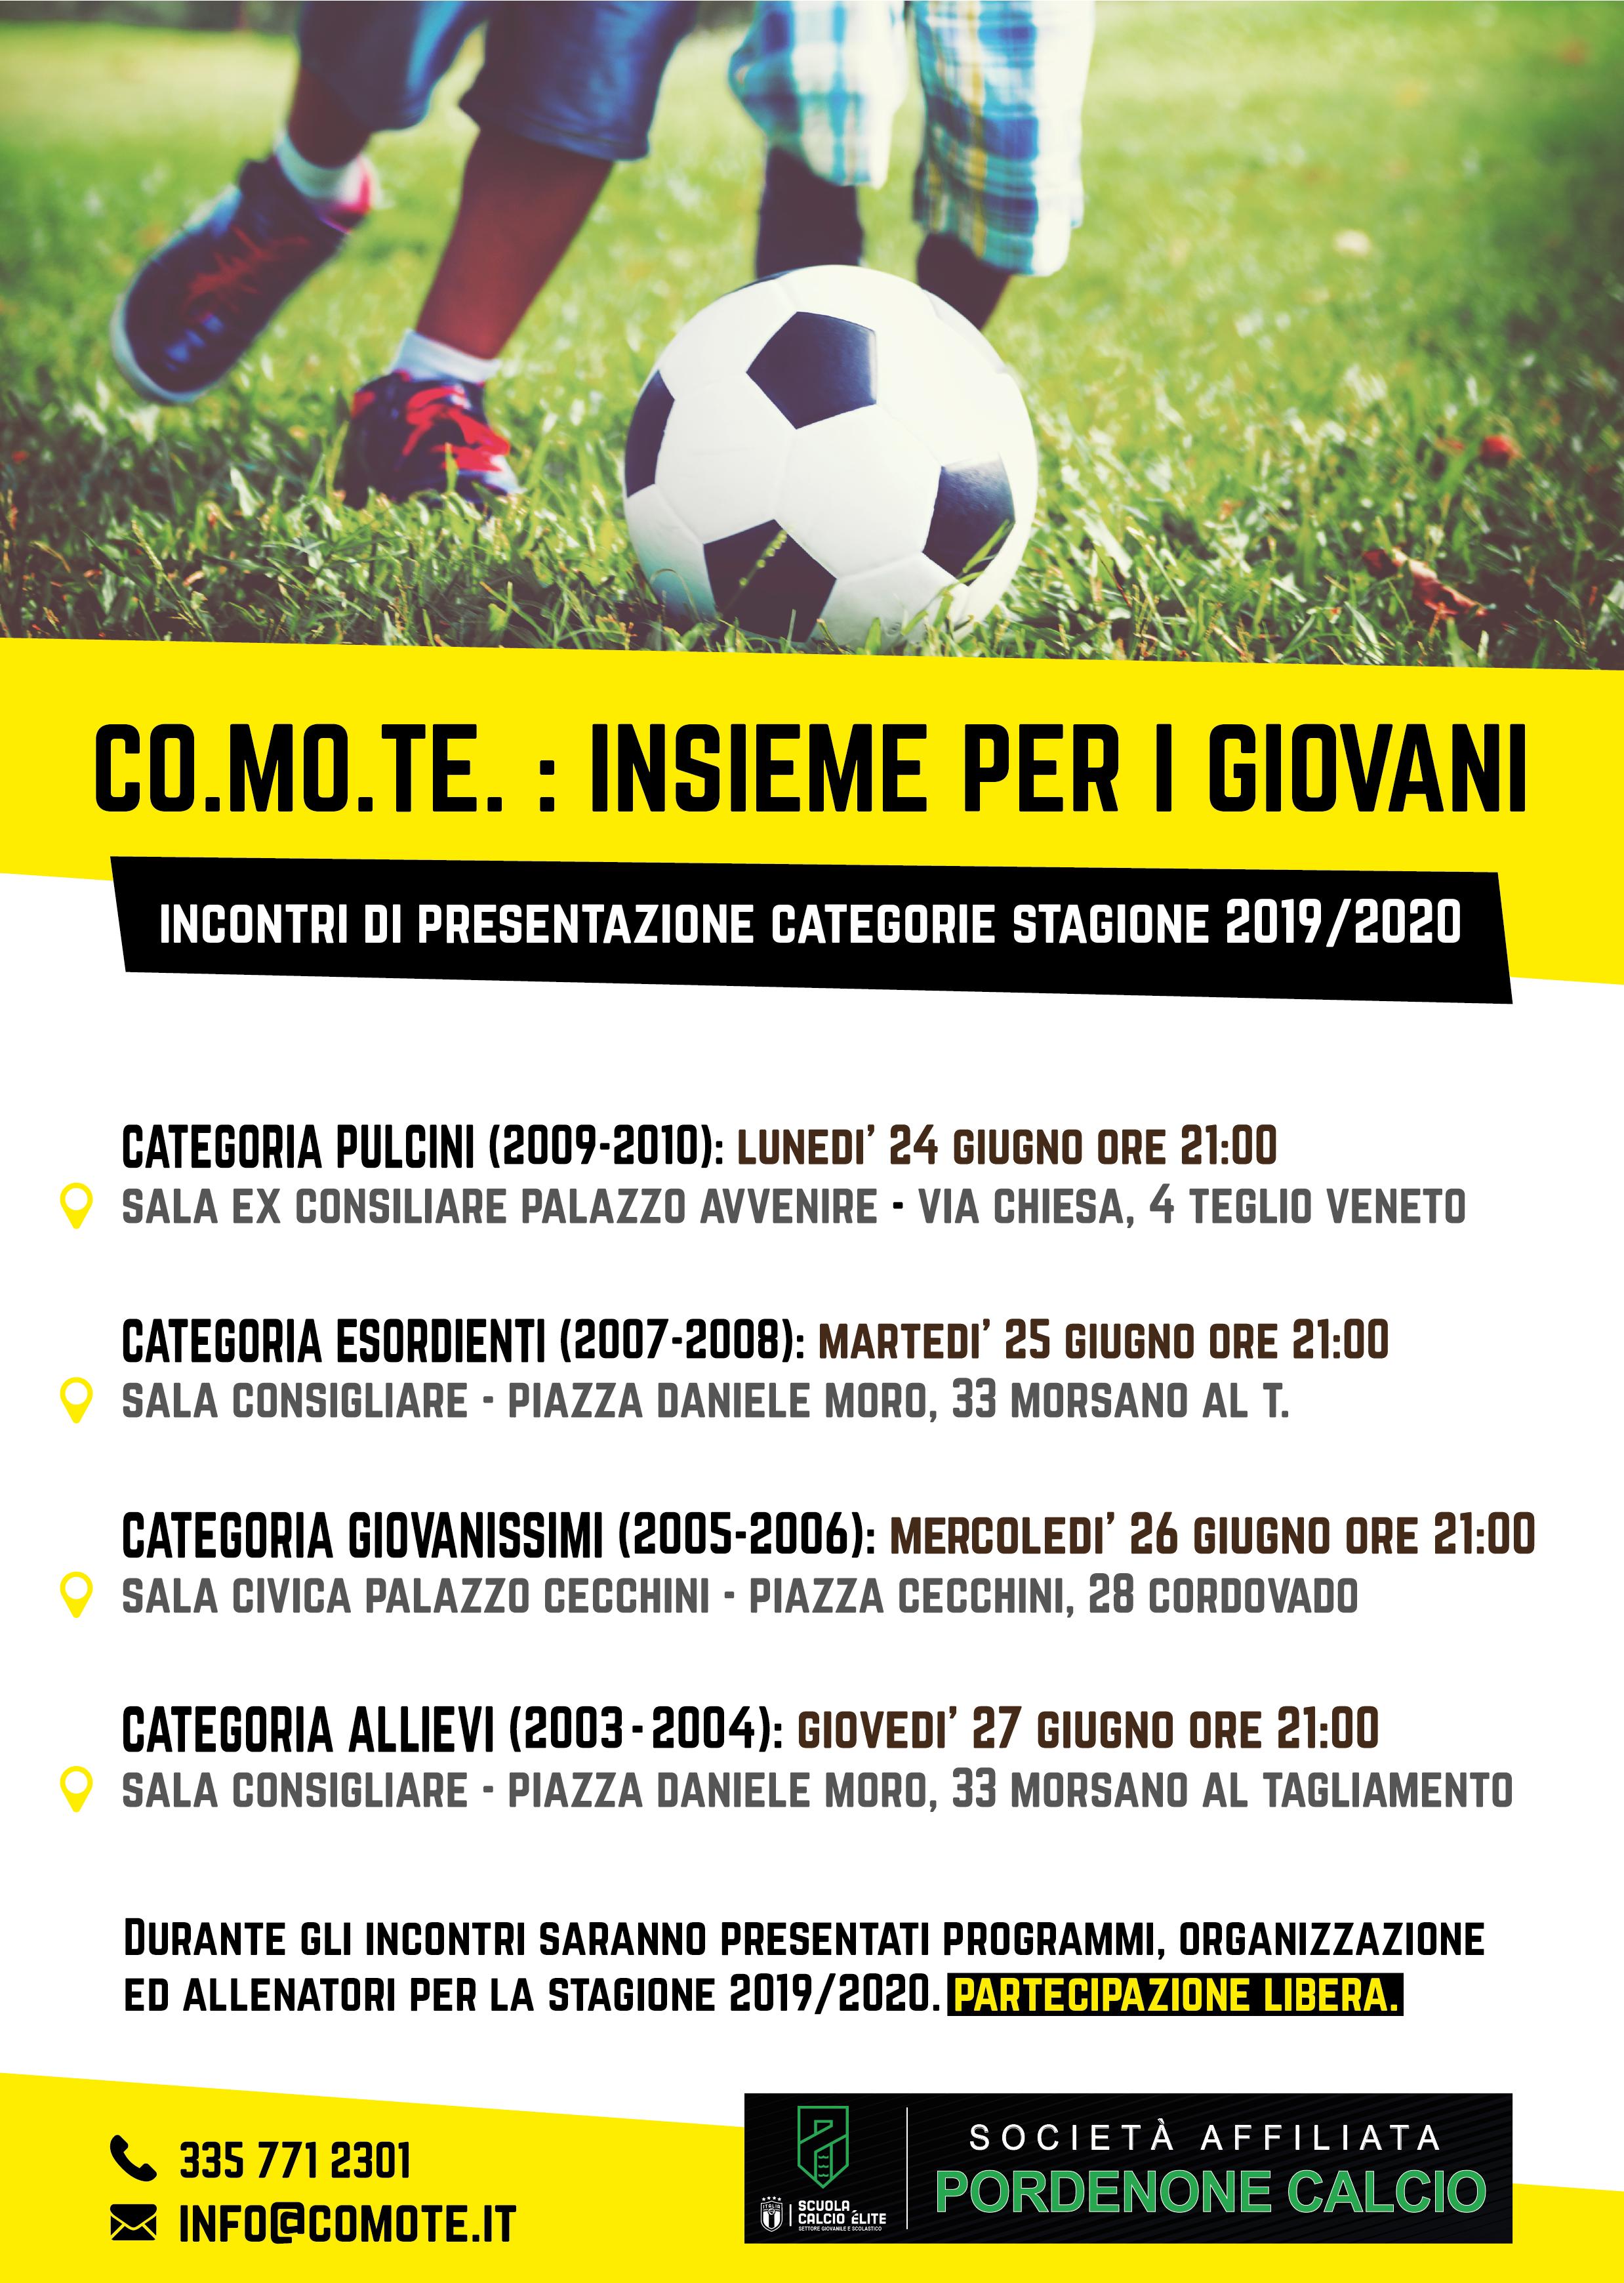 Calendario Pordenone Calcio.Co Mo Te Calendario Incontri Settore Giovanile 2019 2020